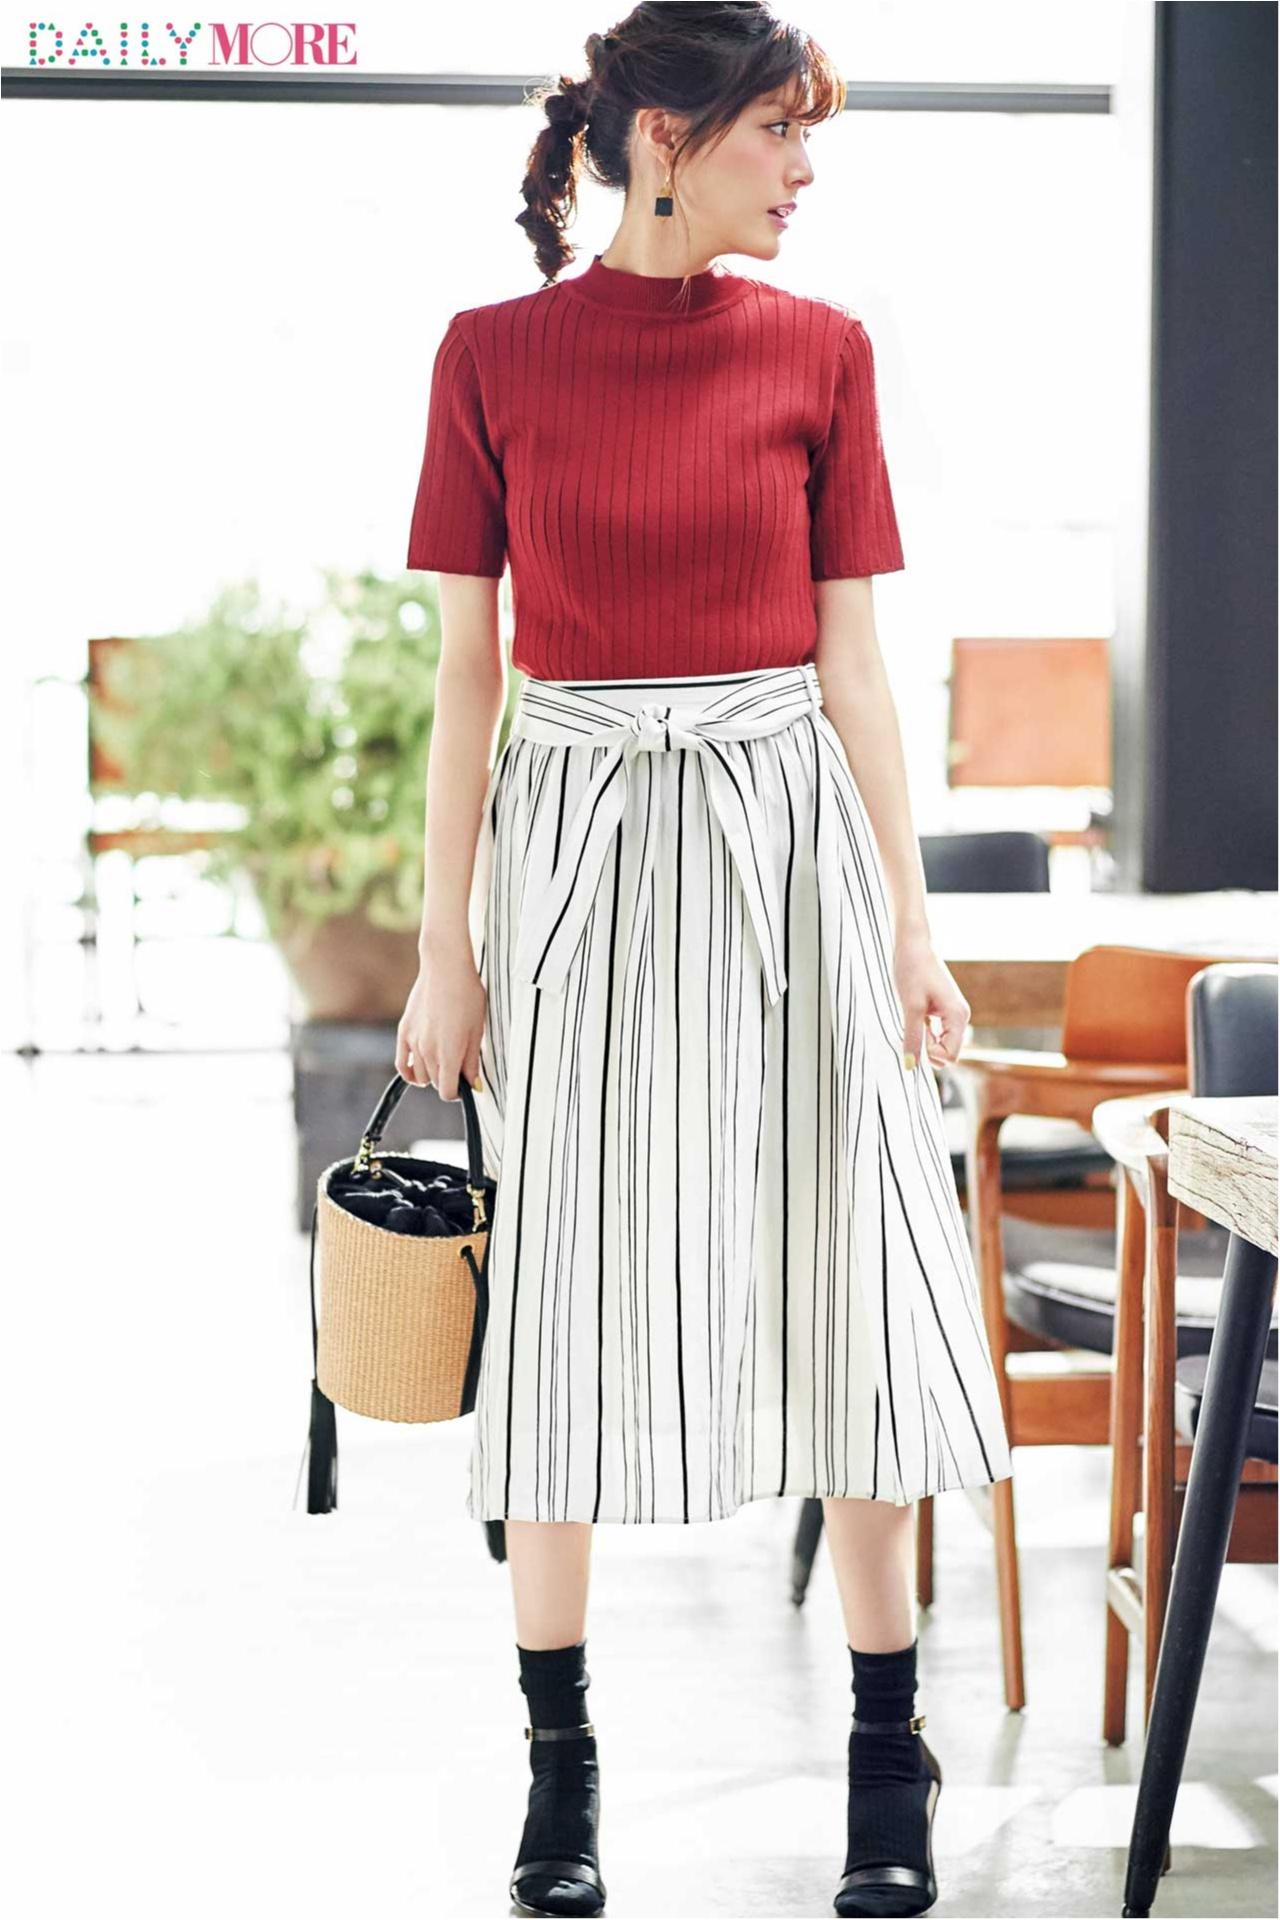 【フラワーデイズ/ゲットモアNEWS!】佐藤ありさちゃんコラボスカート、真っ先に売れてる理由は??_1